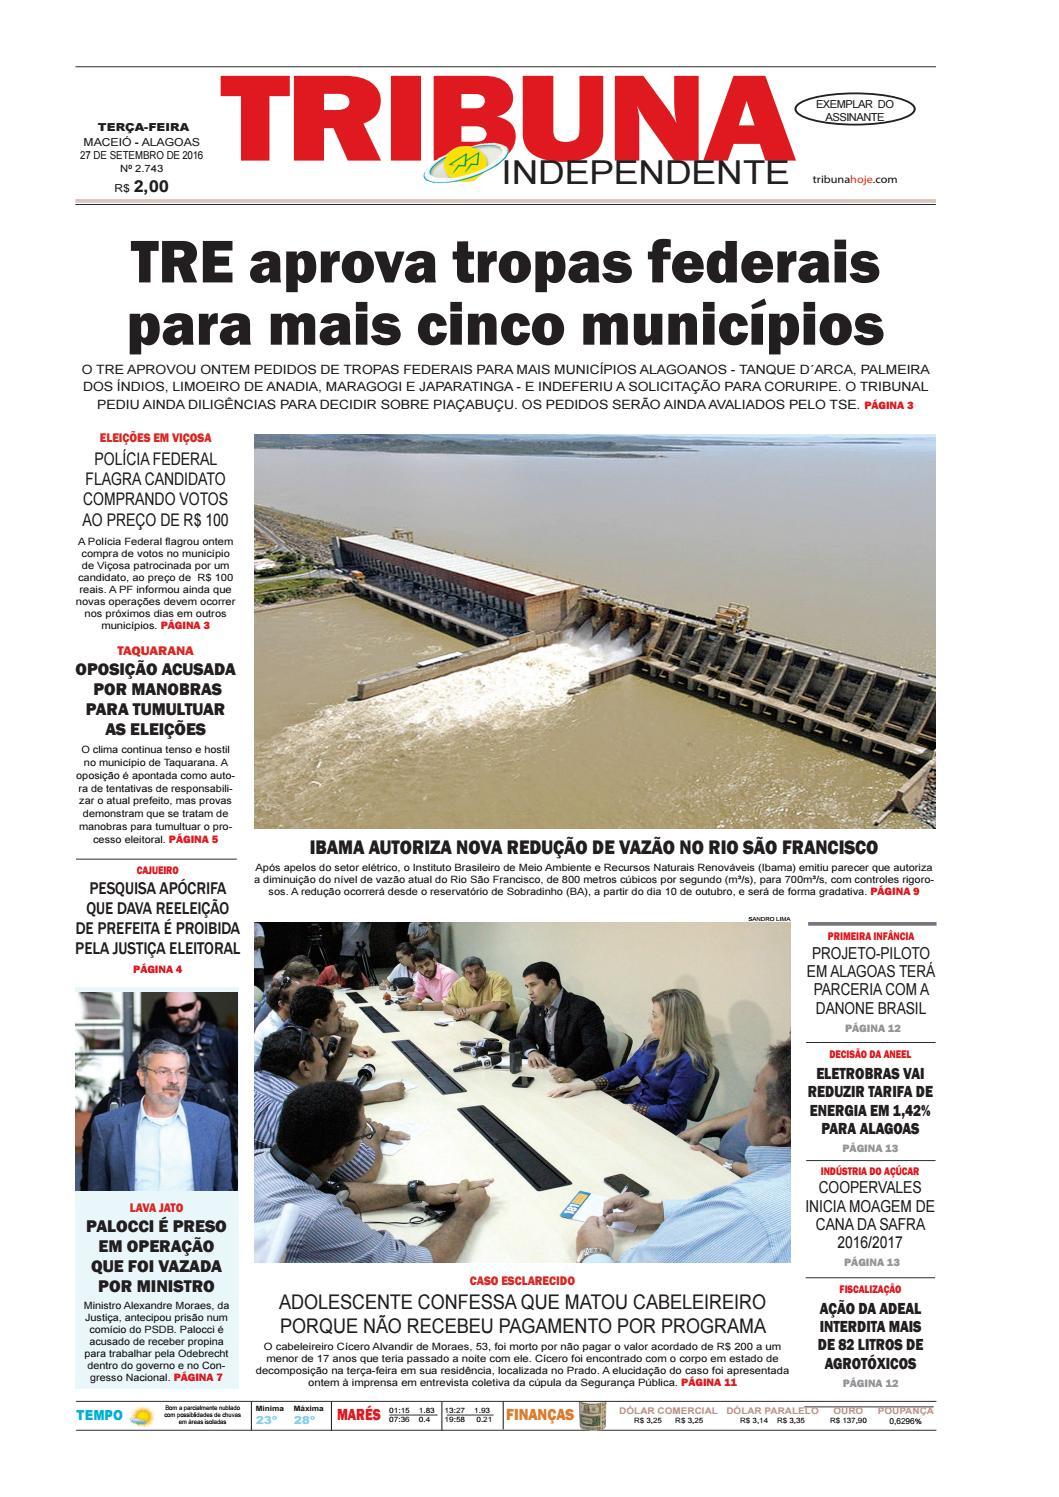 Edição número 2743 - 27 de setembro de 2016 by Tribuna Hoje - issuu 004e505d06319